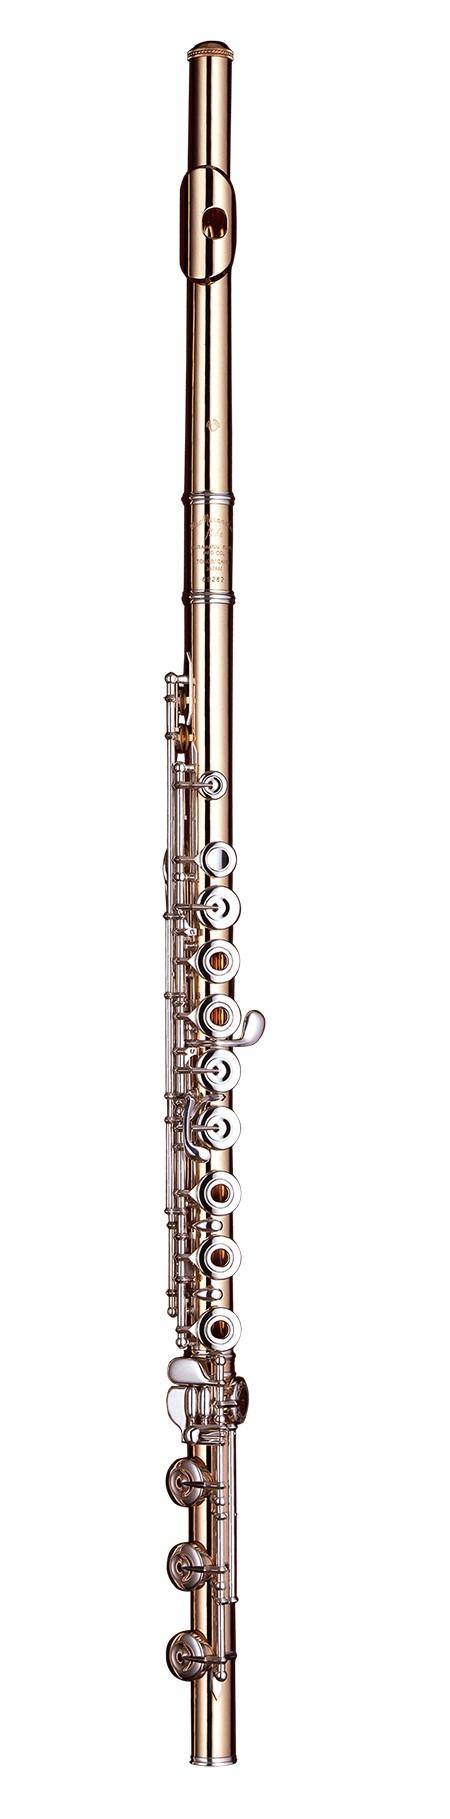 Muramatsu - 9 - K Go/Si SR - Type - RBEIH - Holzblasinstrumente - Flöten mit E-Mechanik   MUSIK BERTRAM Deutschland Freiburg